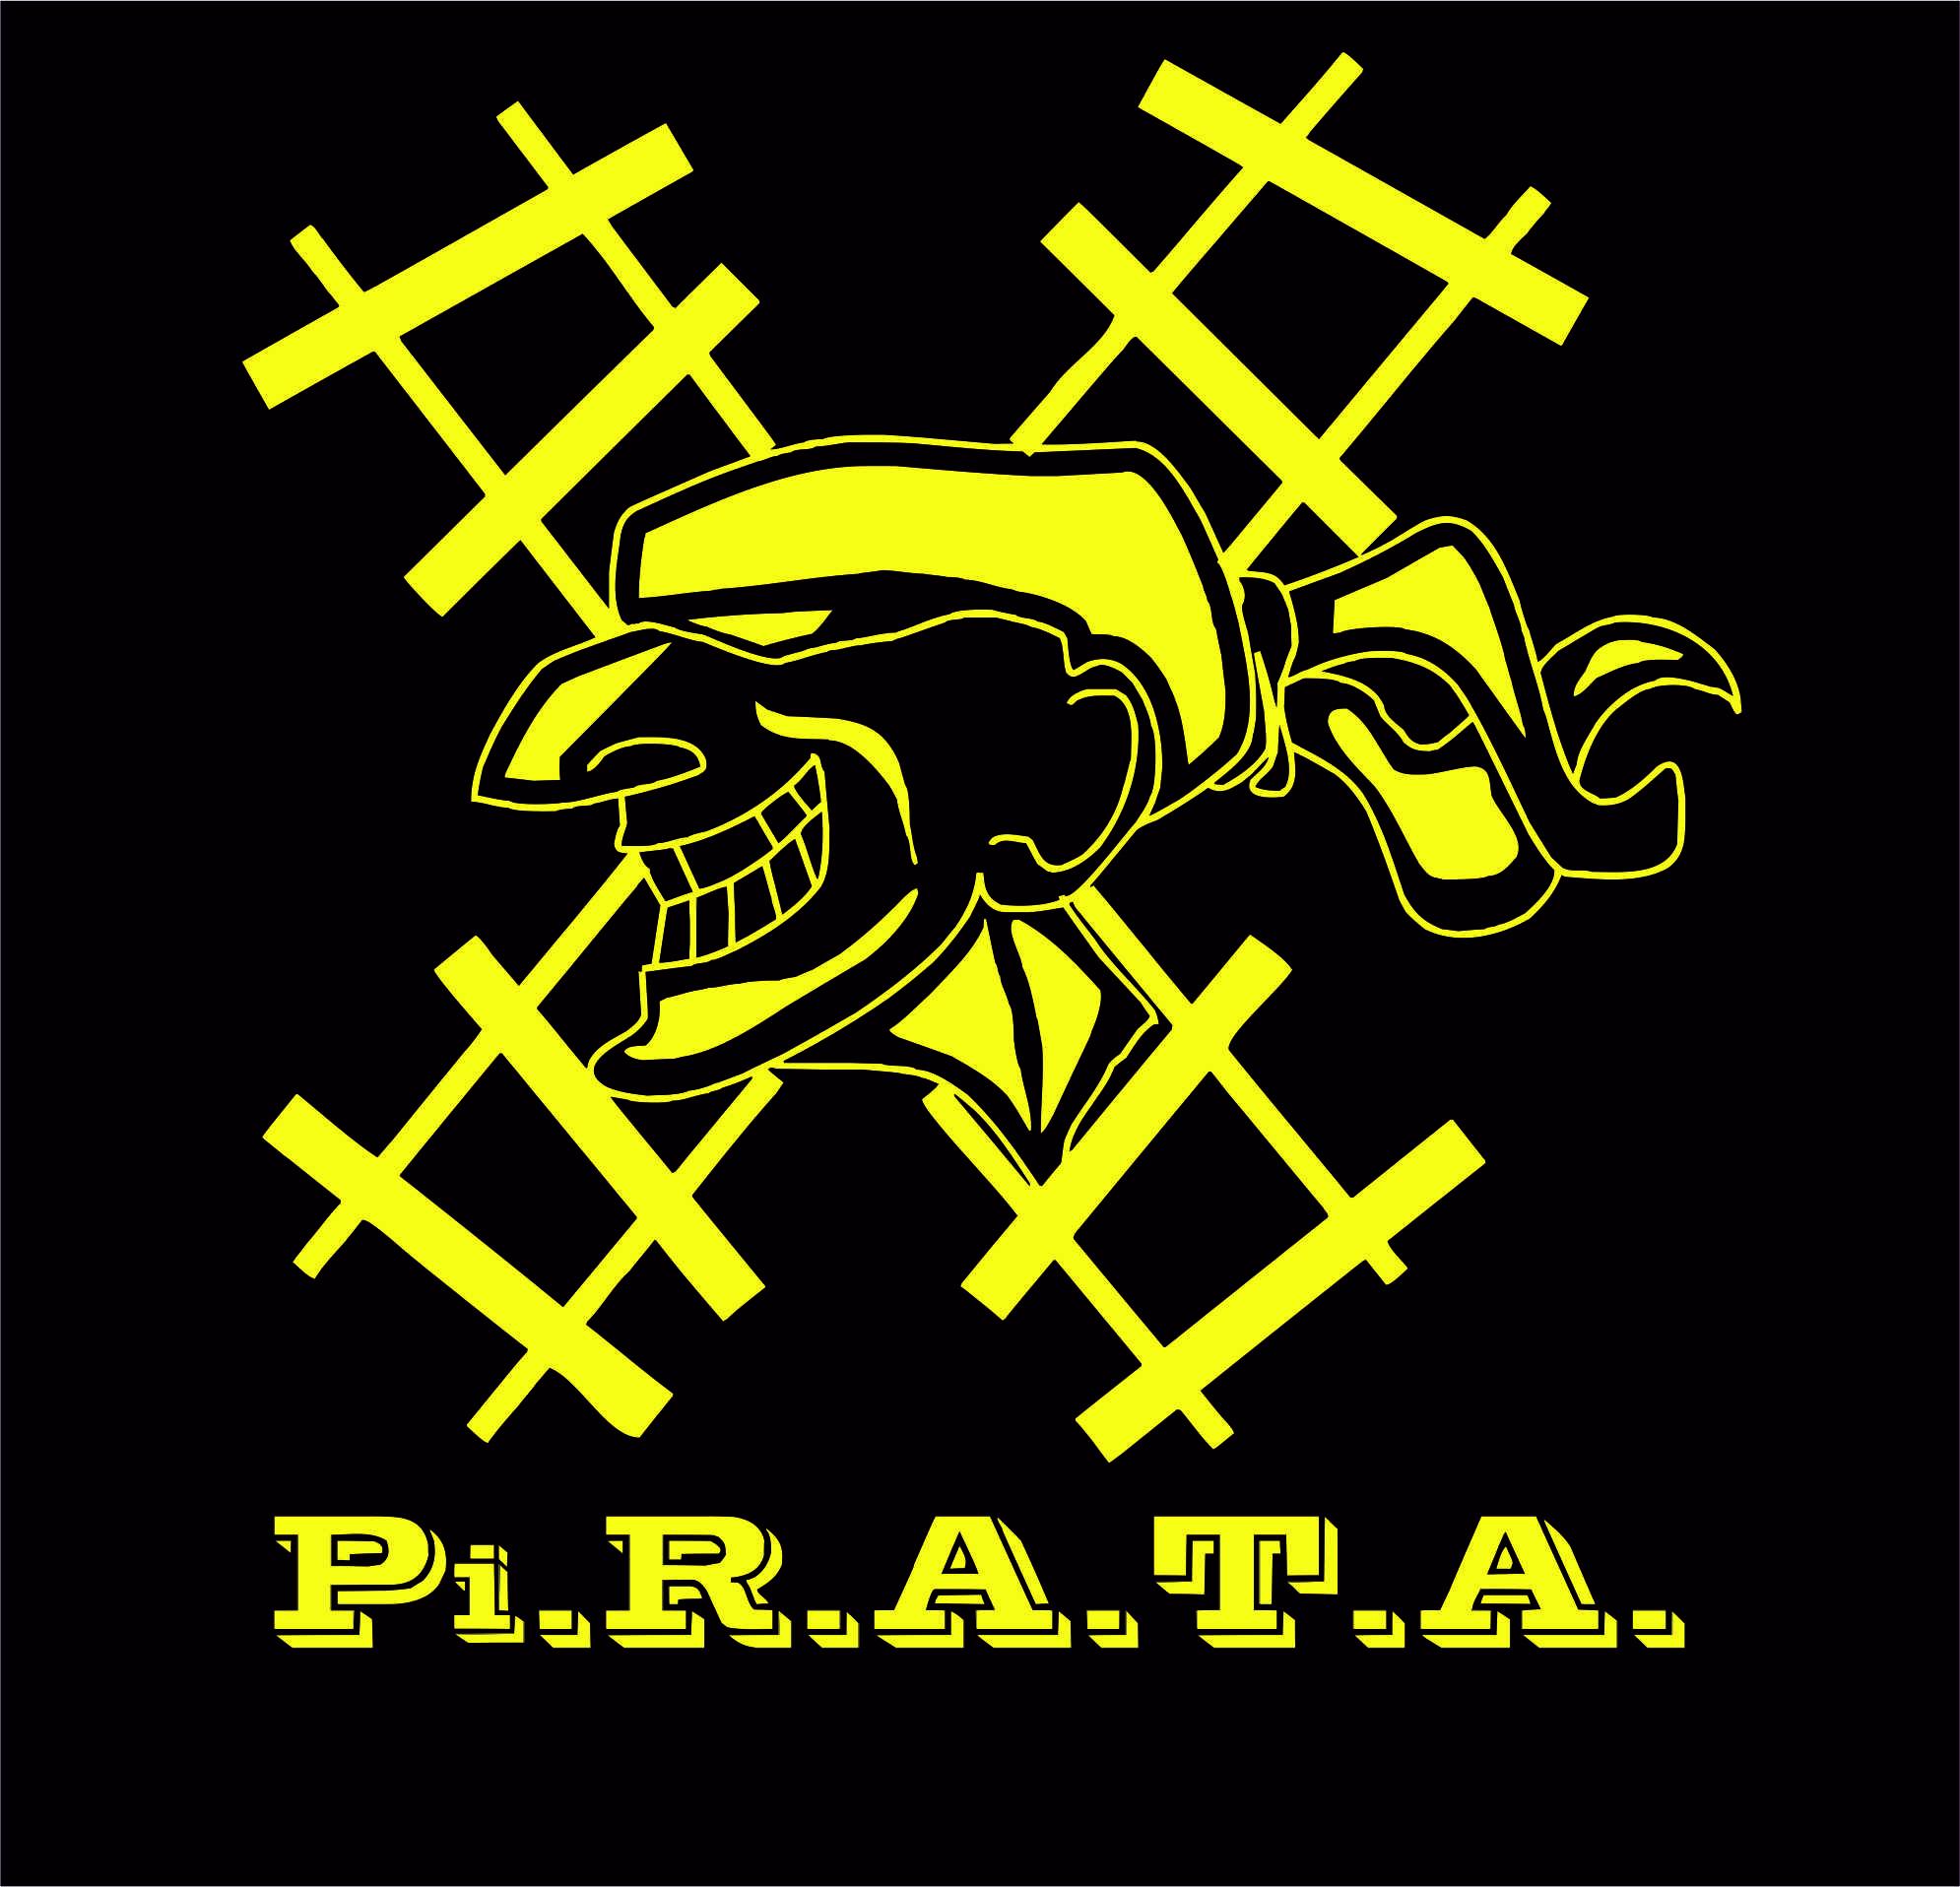 Pirata%20.jpg